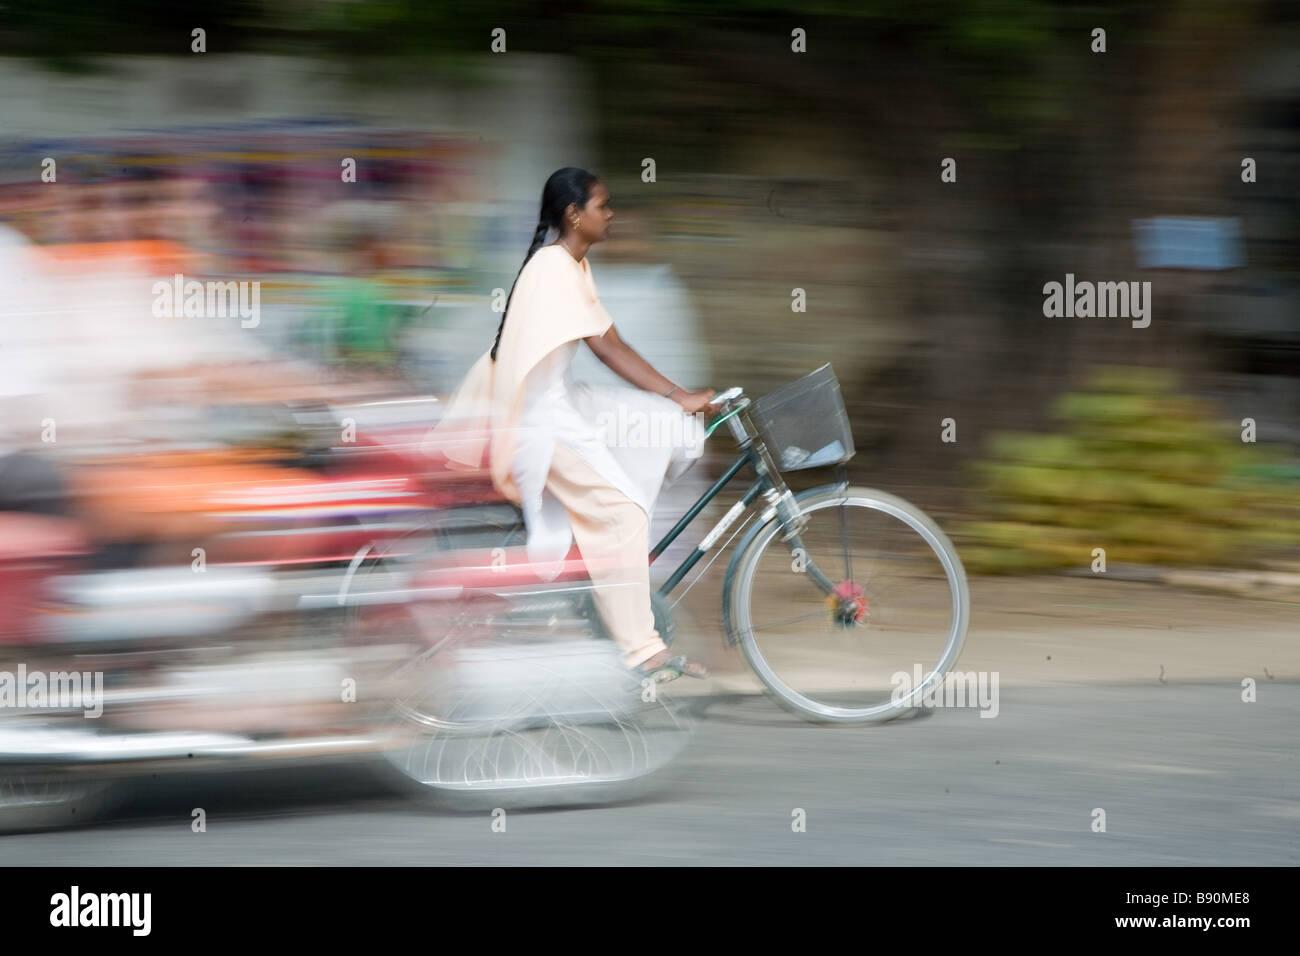 indian girl bicycle - Stock Image